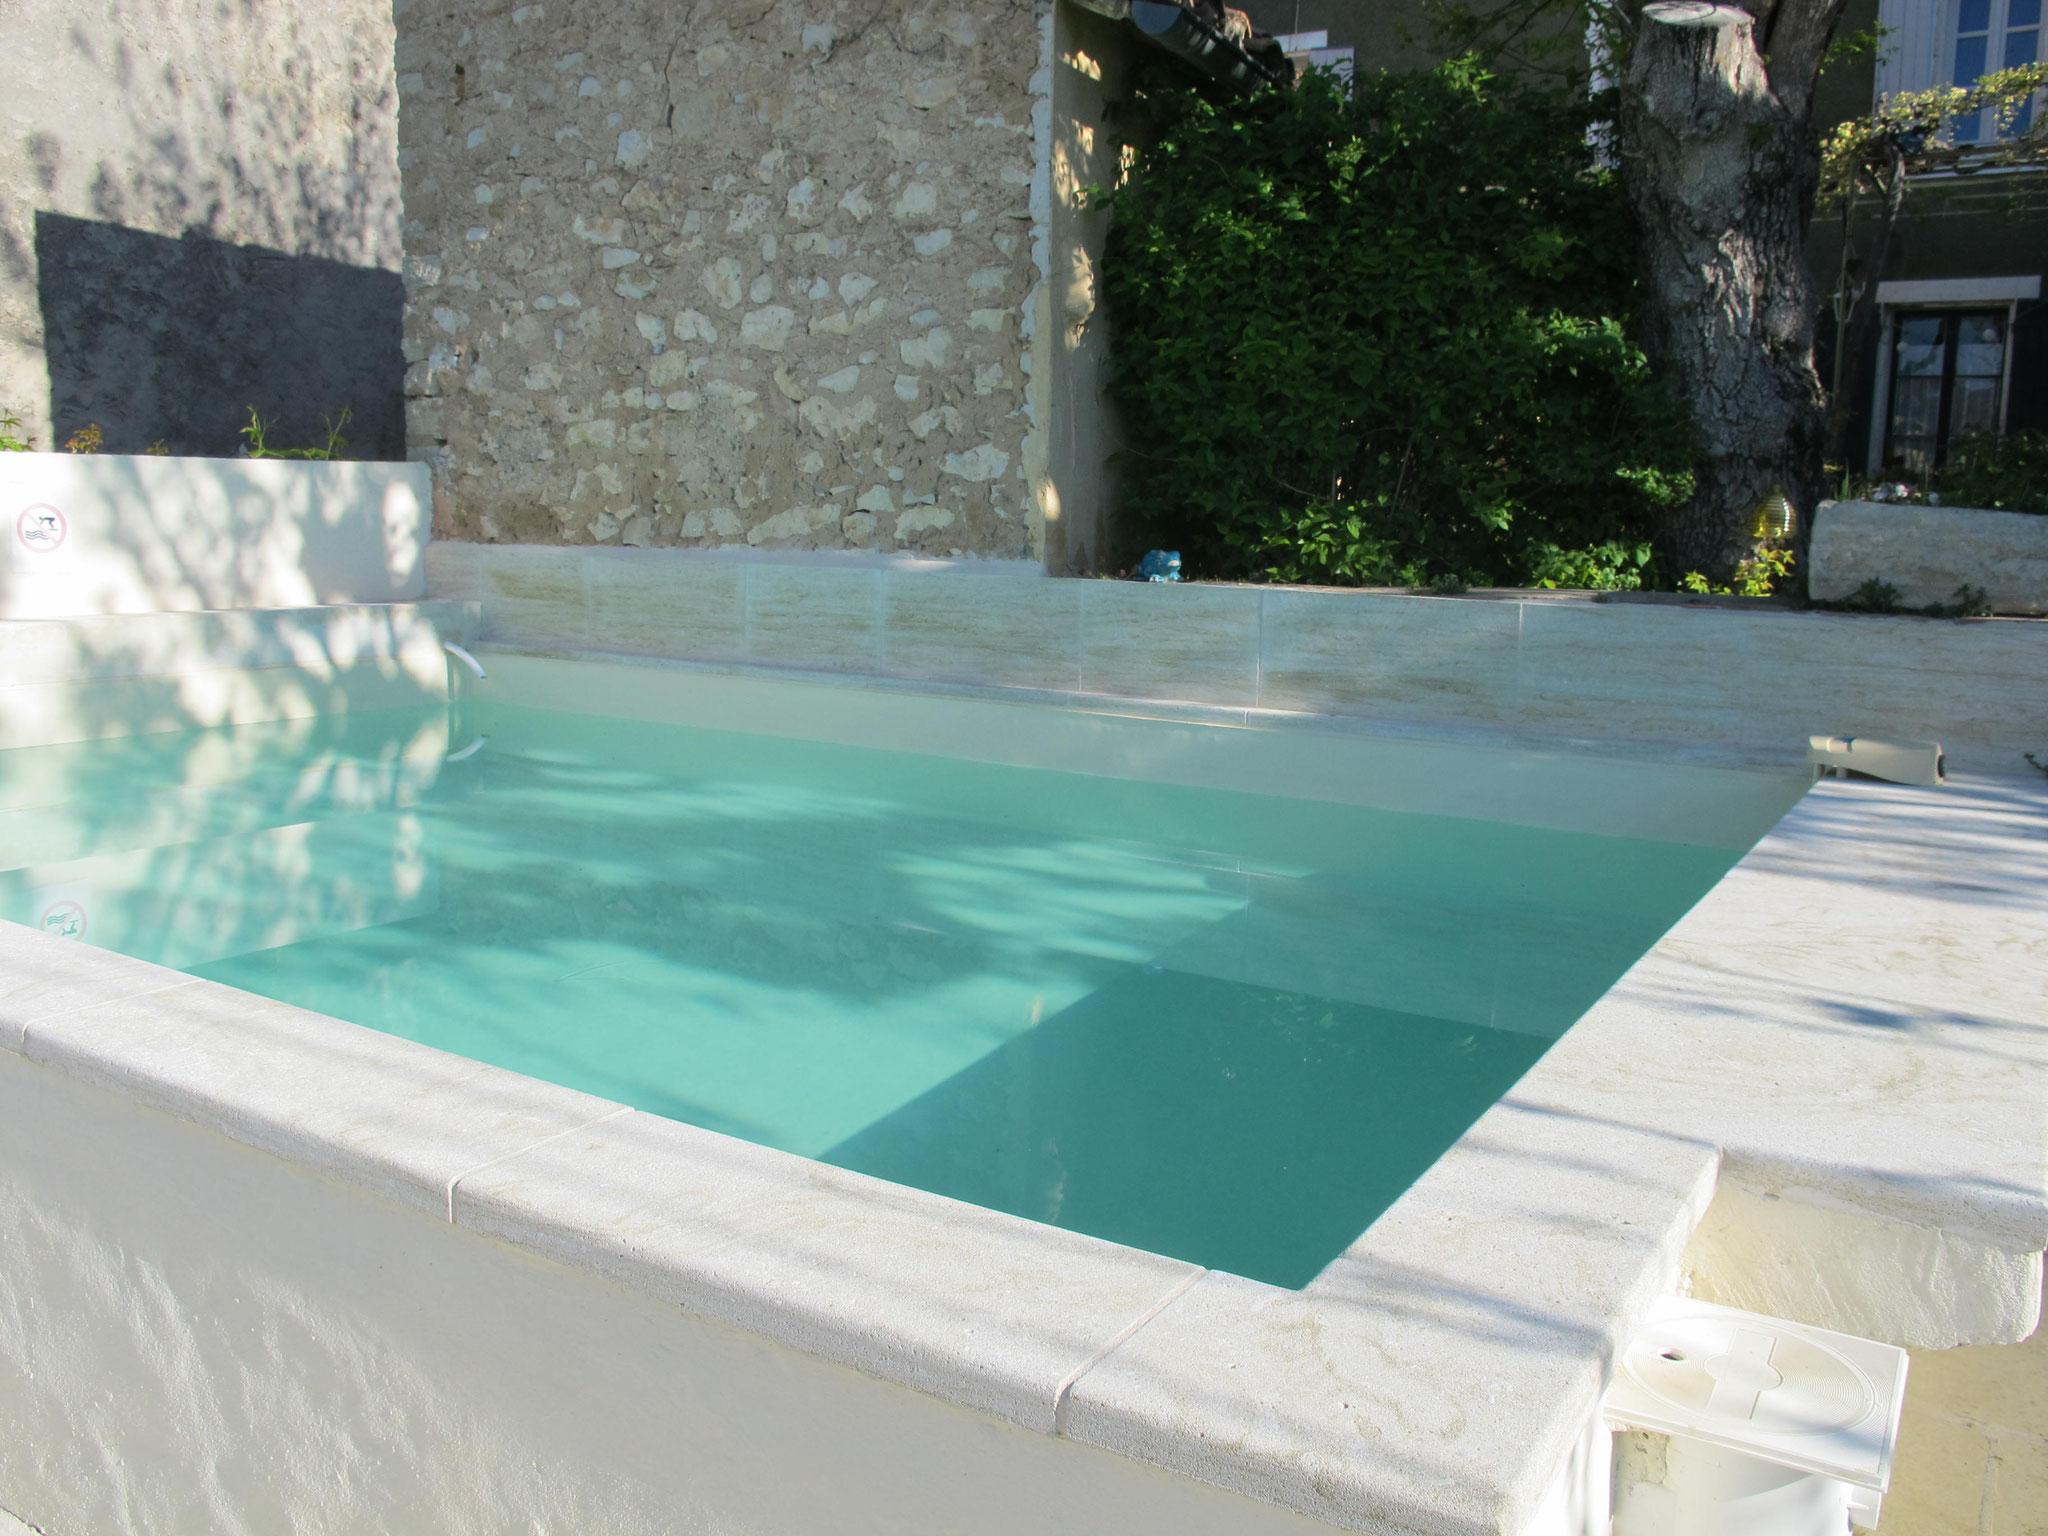 loucardaline-hébergement-bedoin-ventoux-chambre d hotes-vaucluse-vacances-bassin-piscine